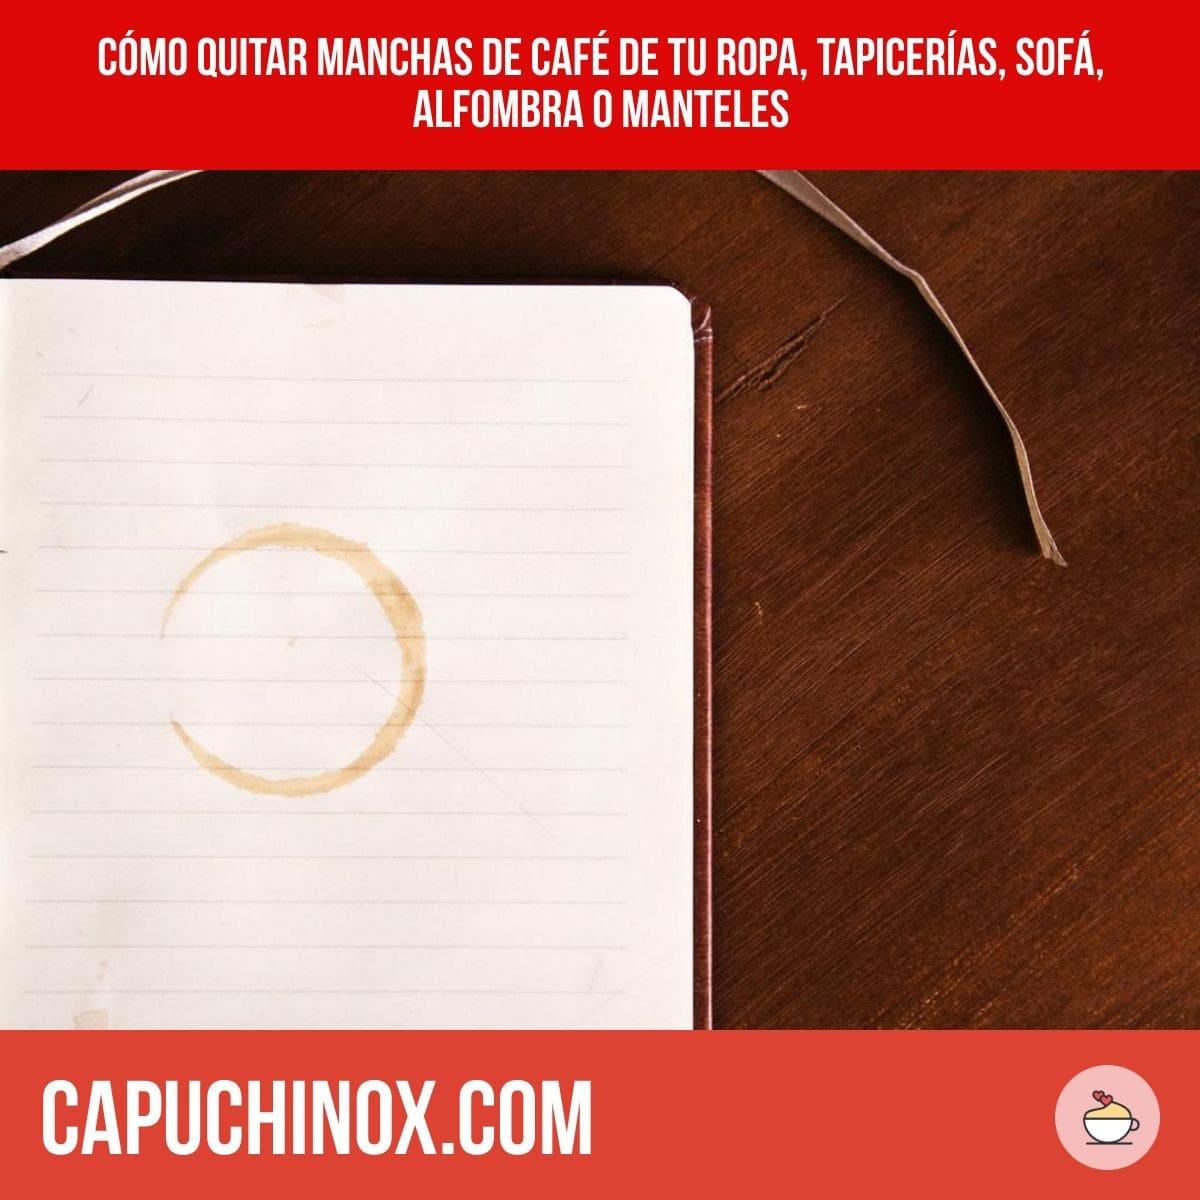 Cómo quitar manchas de café de tu ropa, tapicerías, sofá, alfombra o manteles